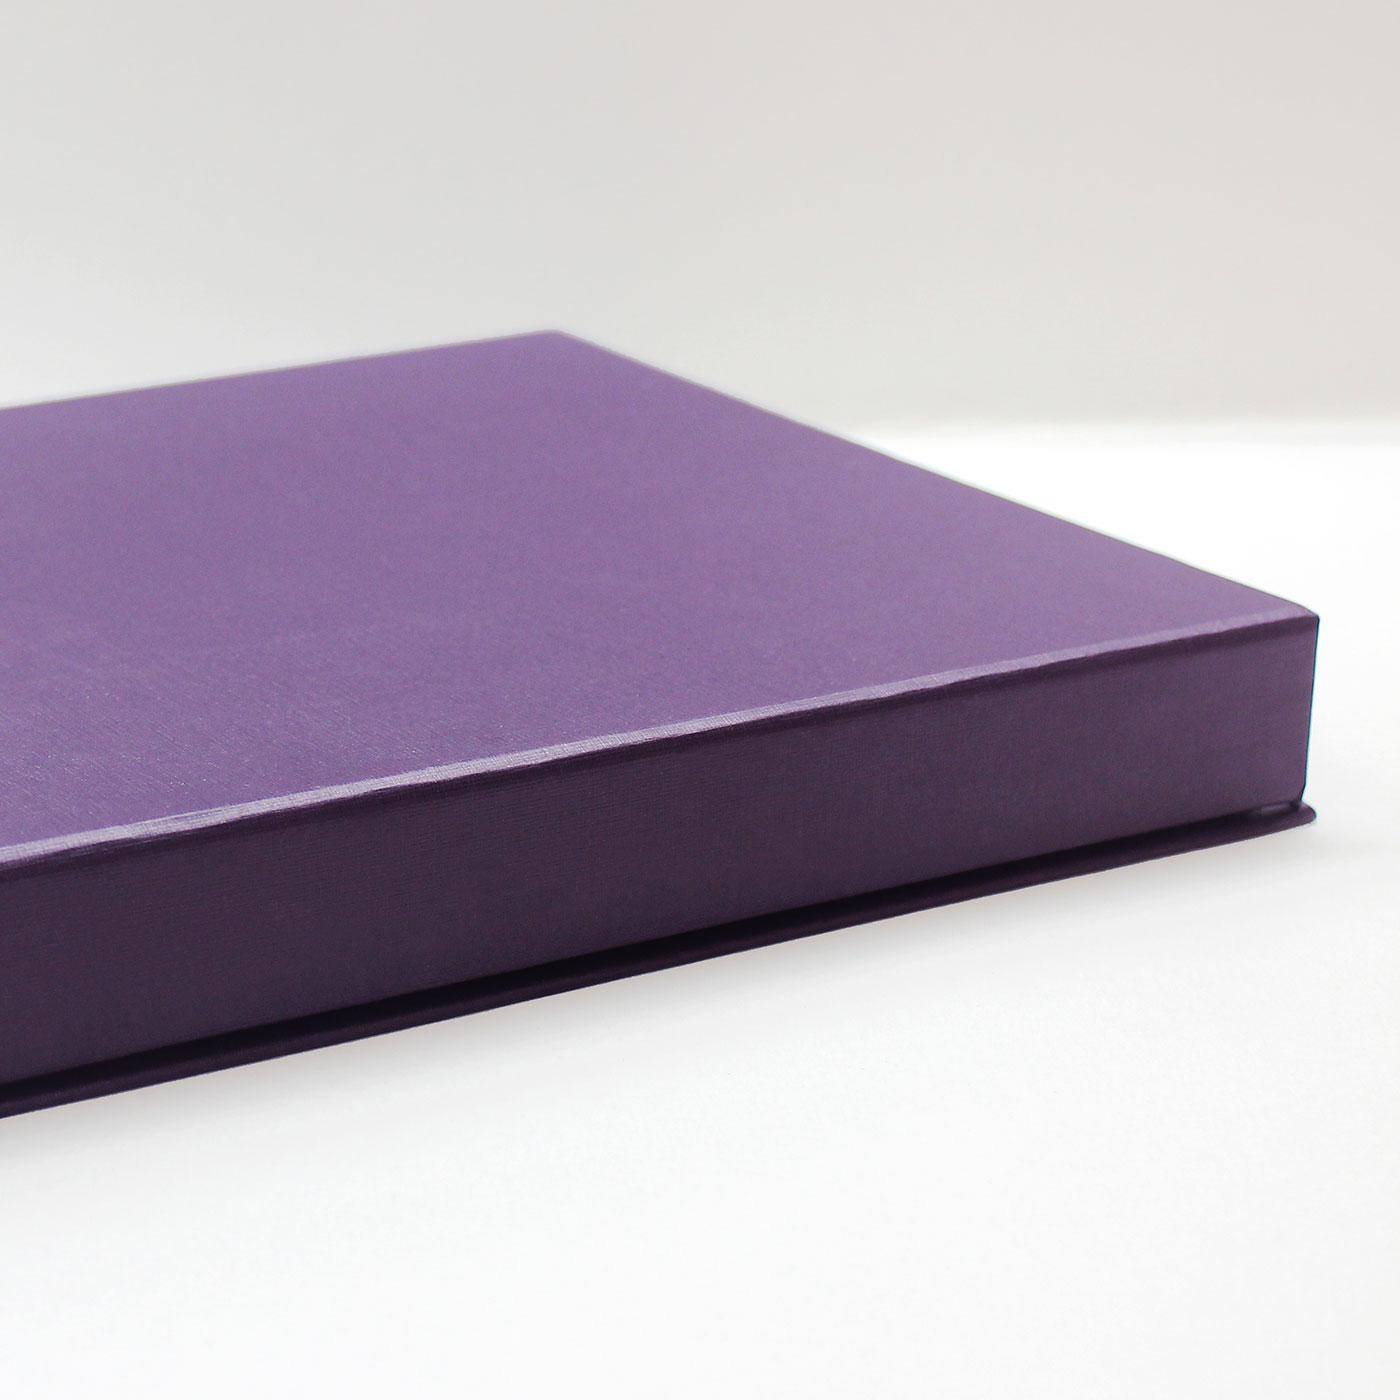 Дизайнерская коробка для пластиковой карты